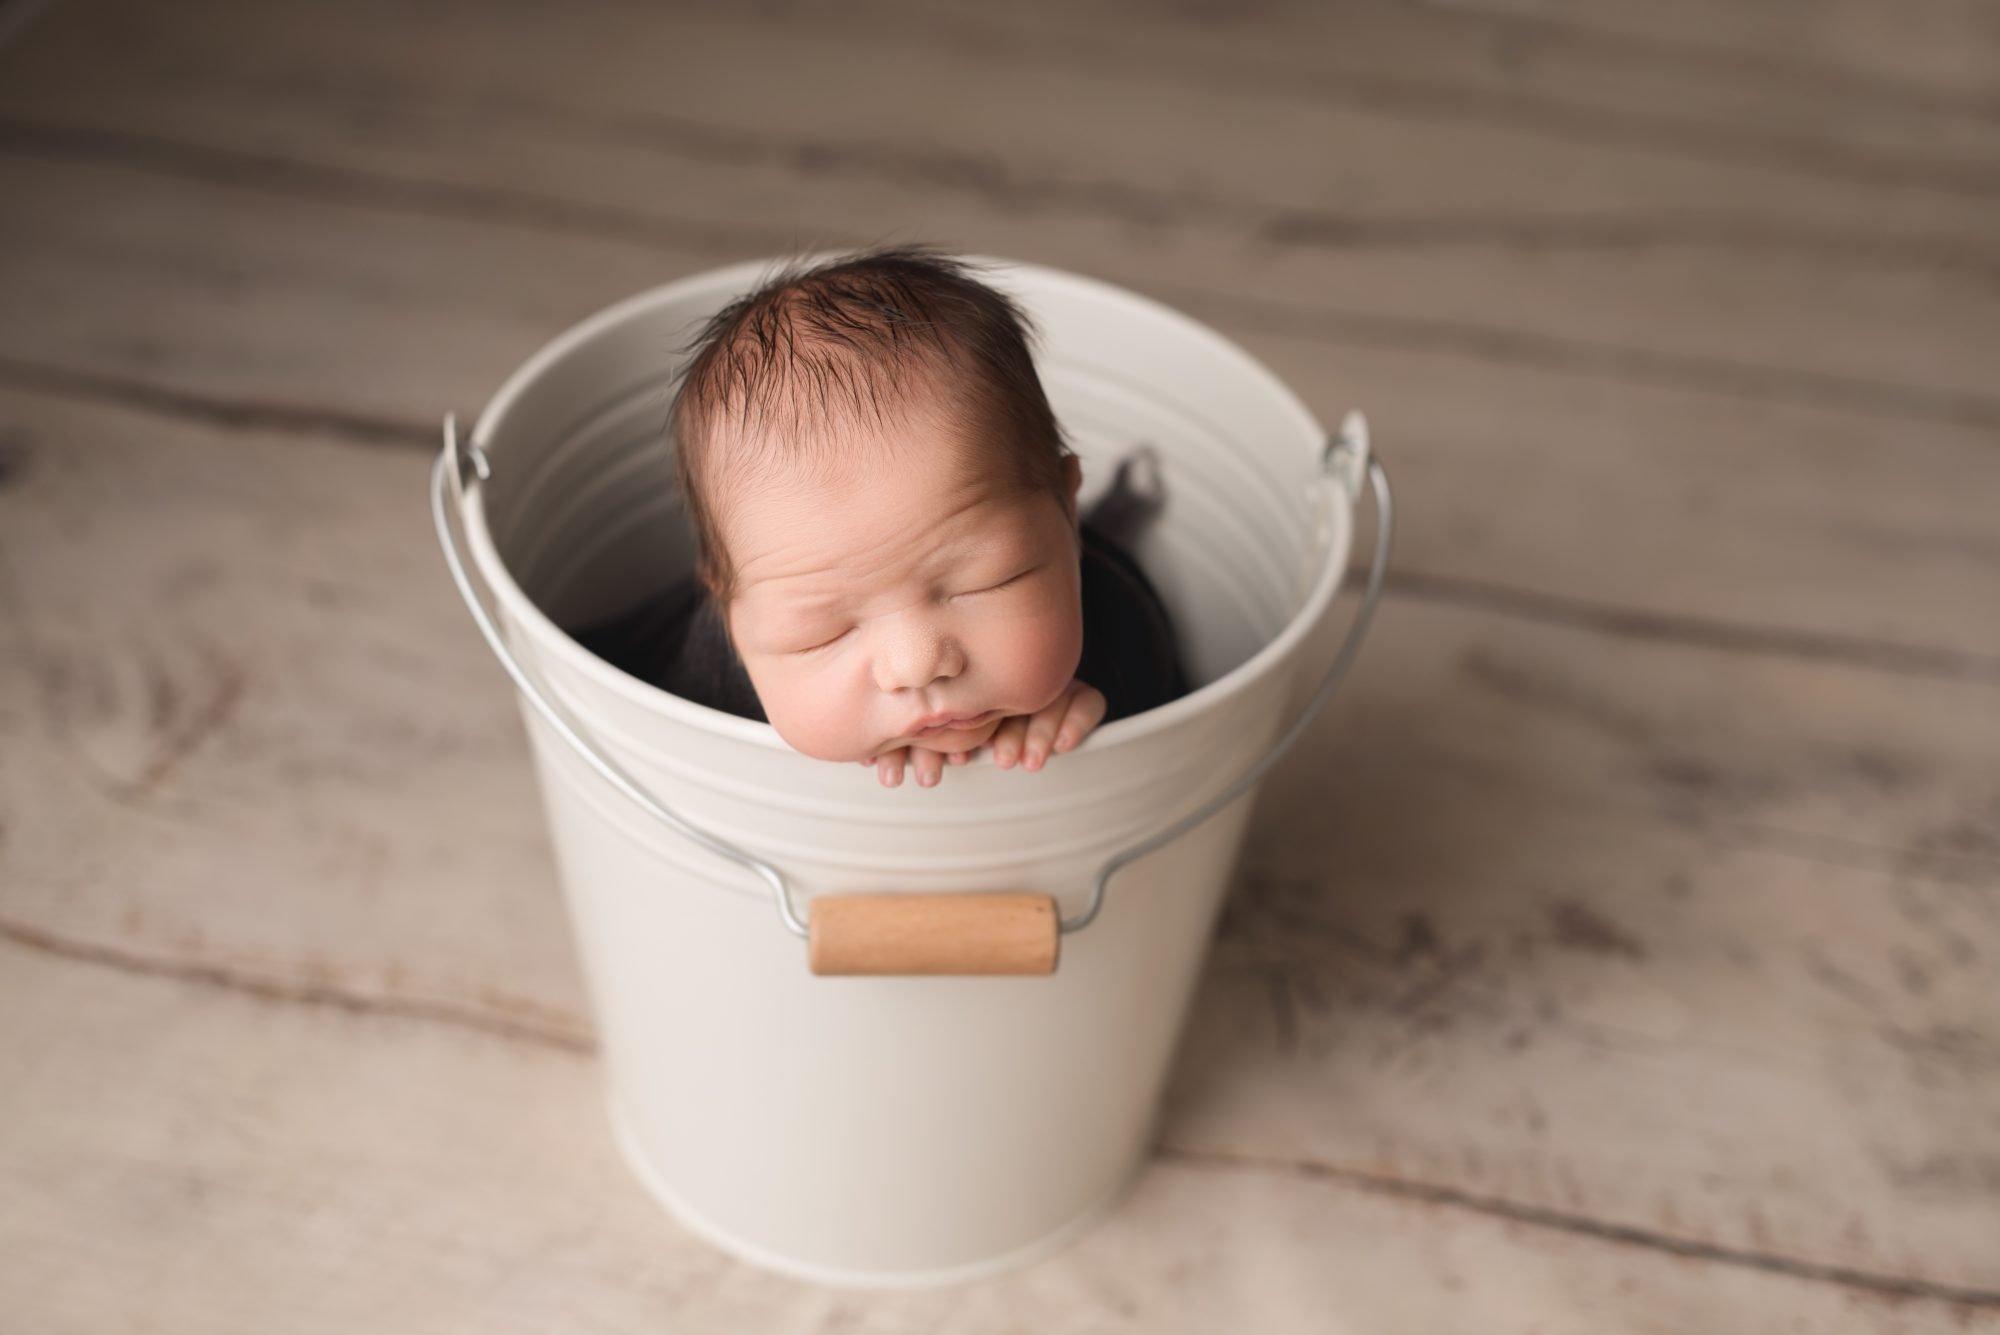 newborn photography calgary alberta